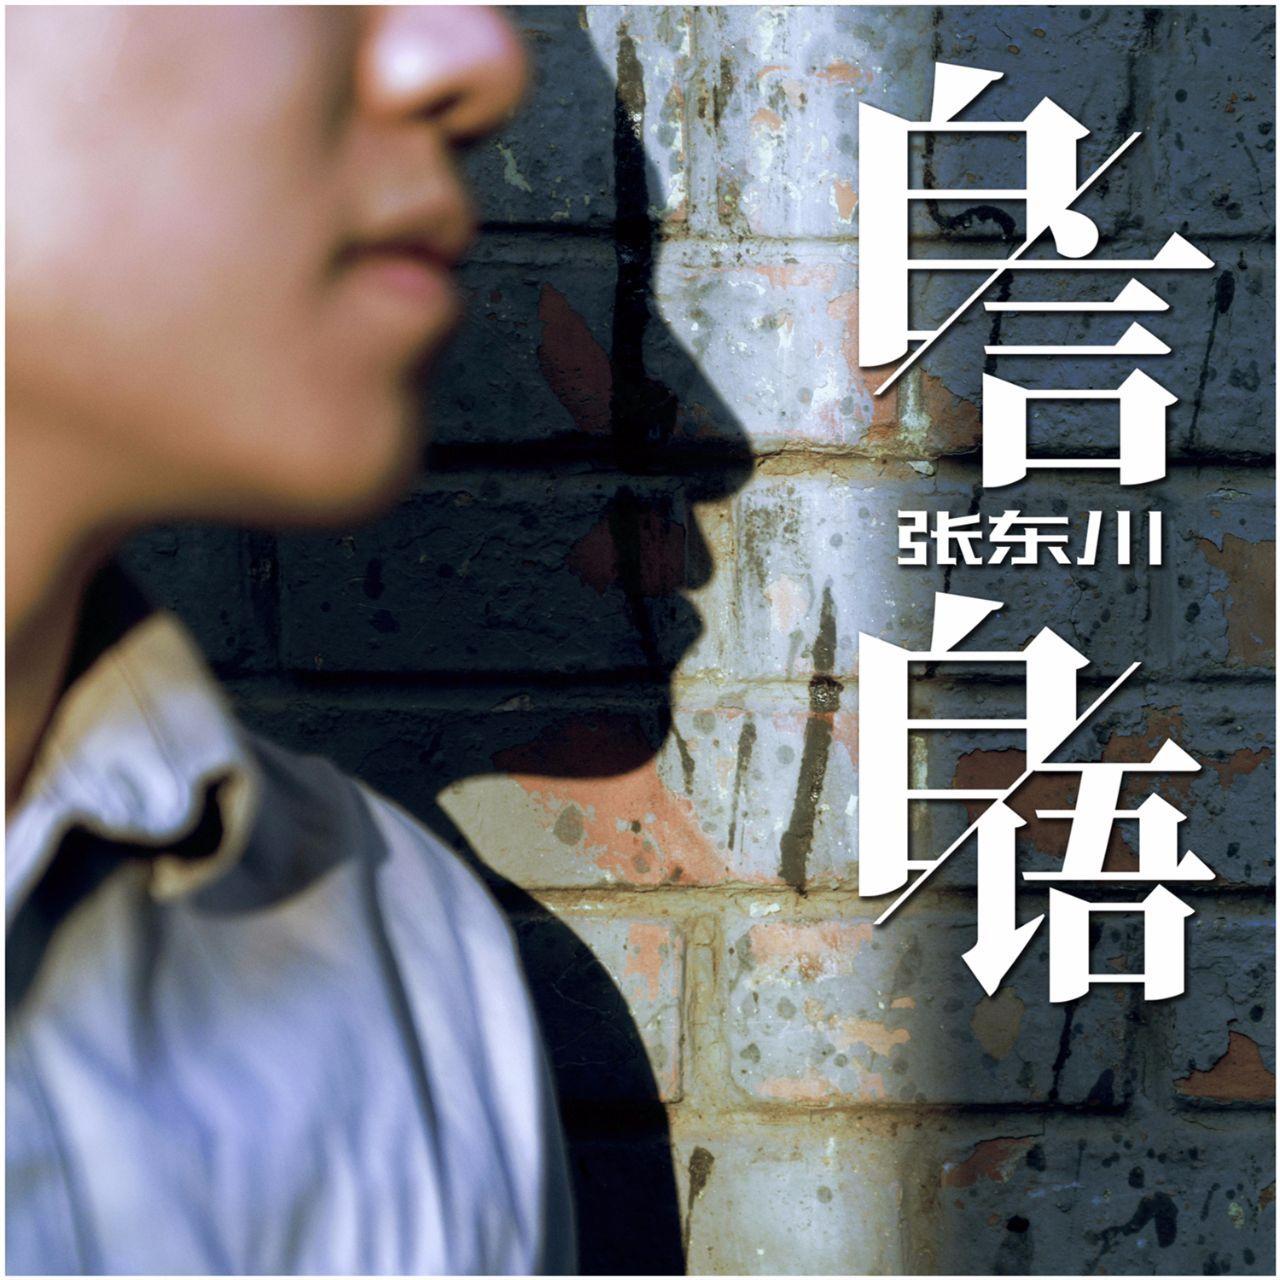 音乐人张东川新歌《自言自语》上线 诠释内心独白